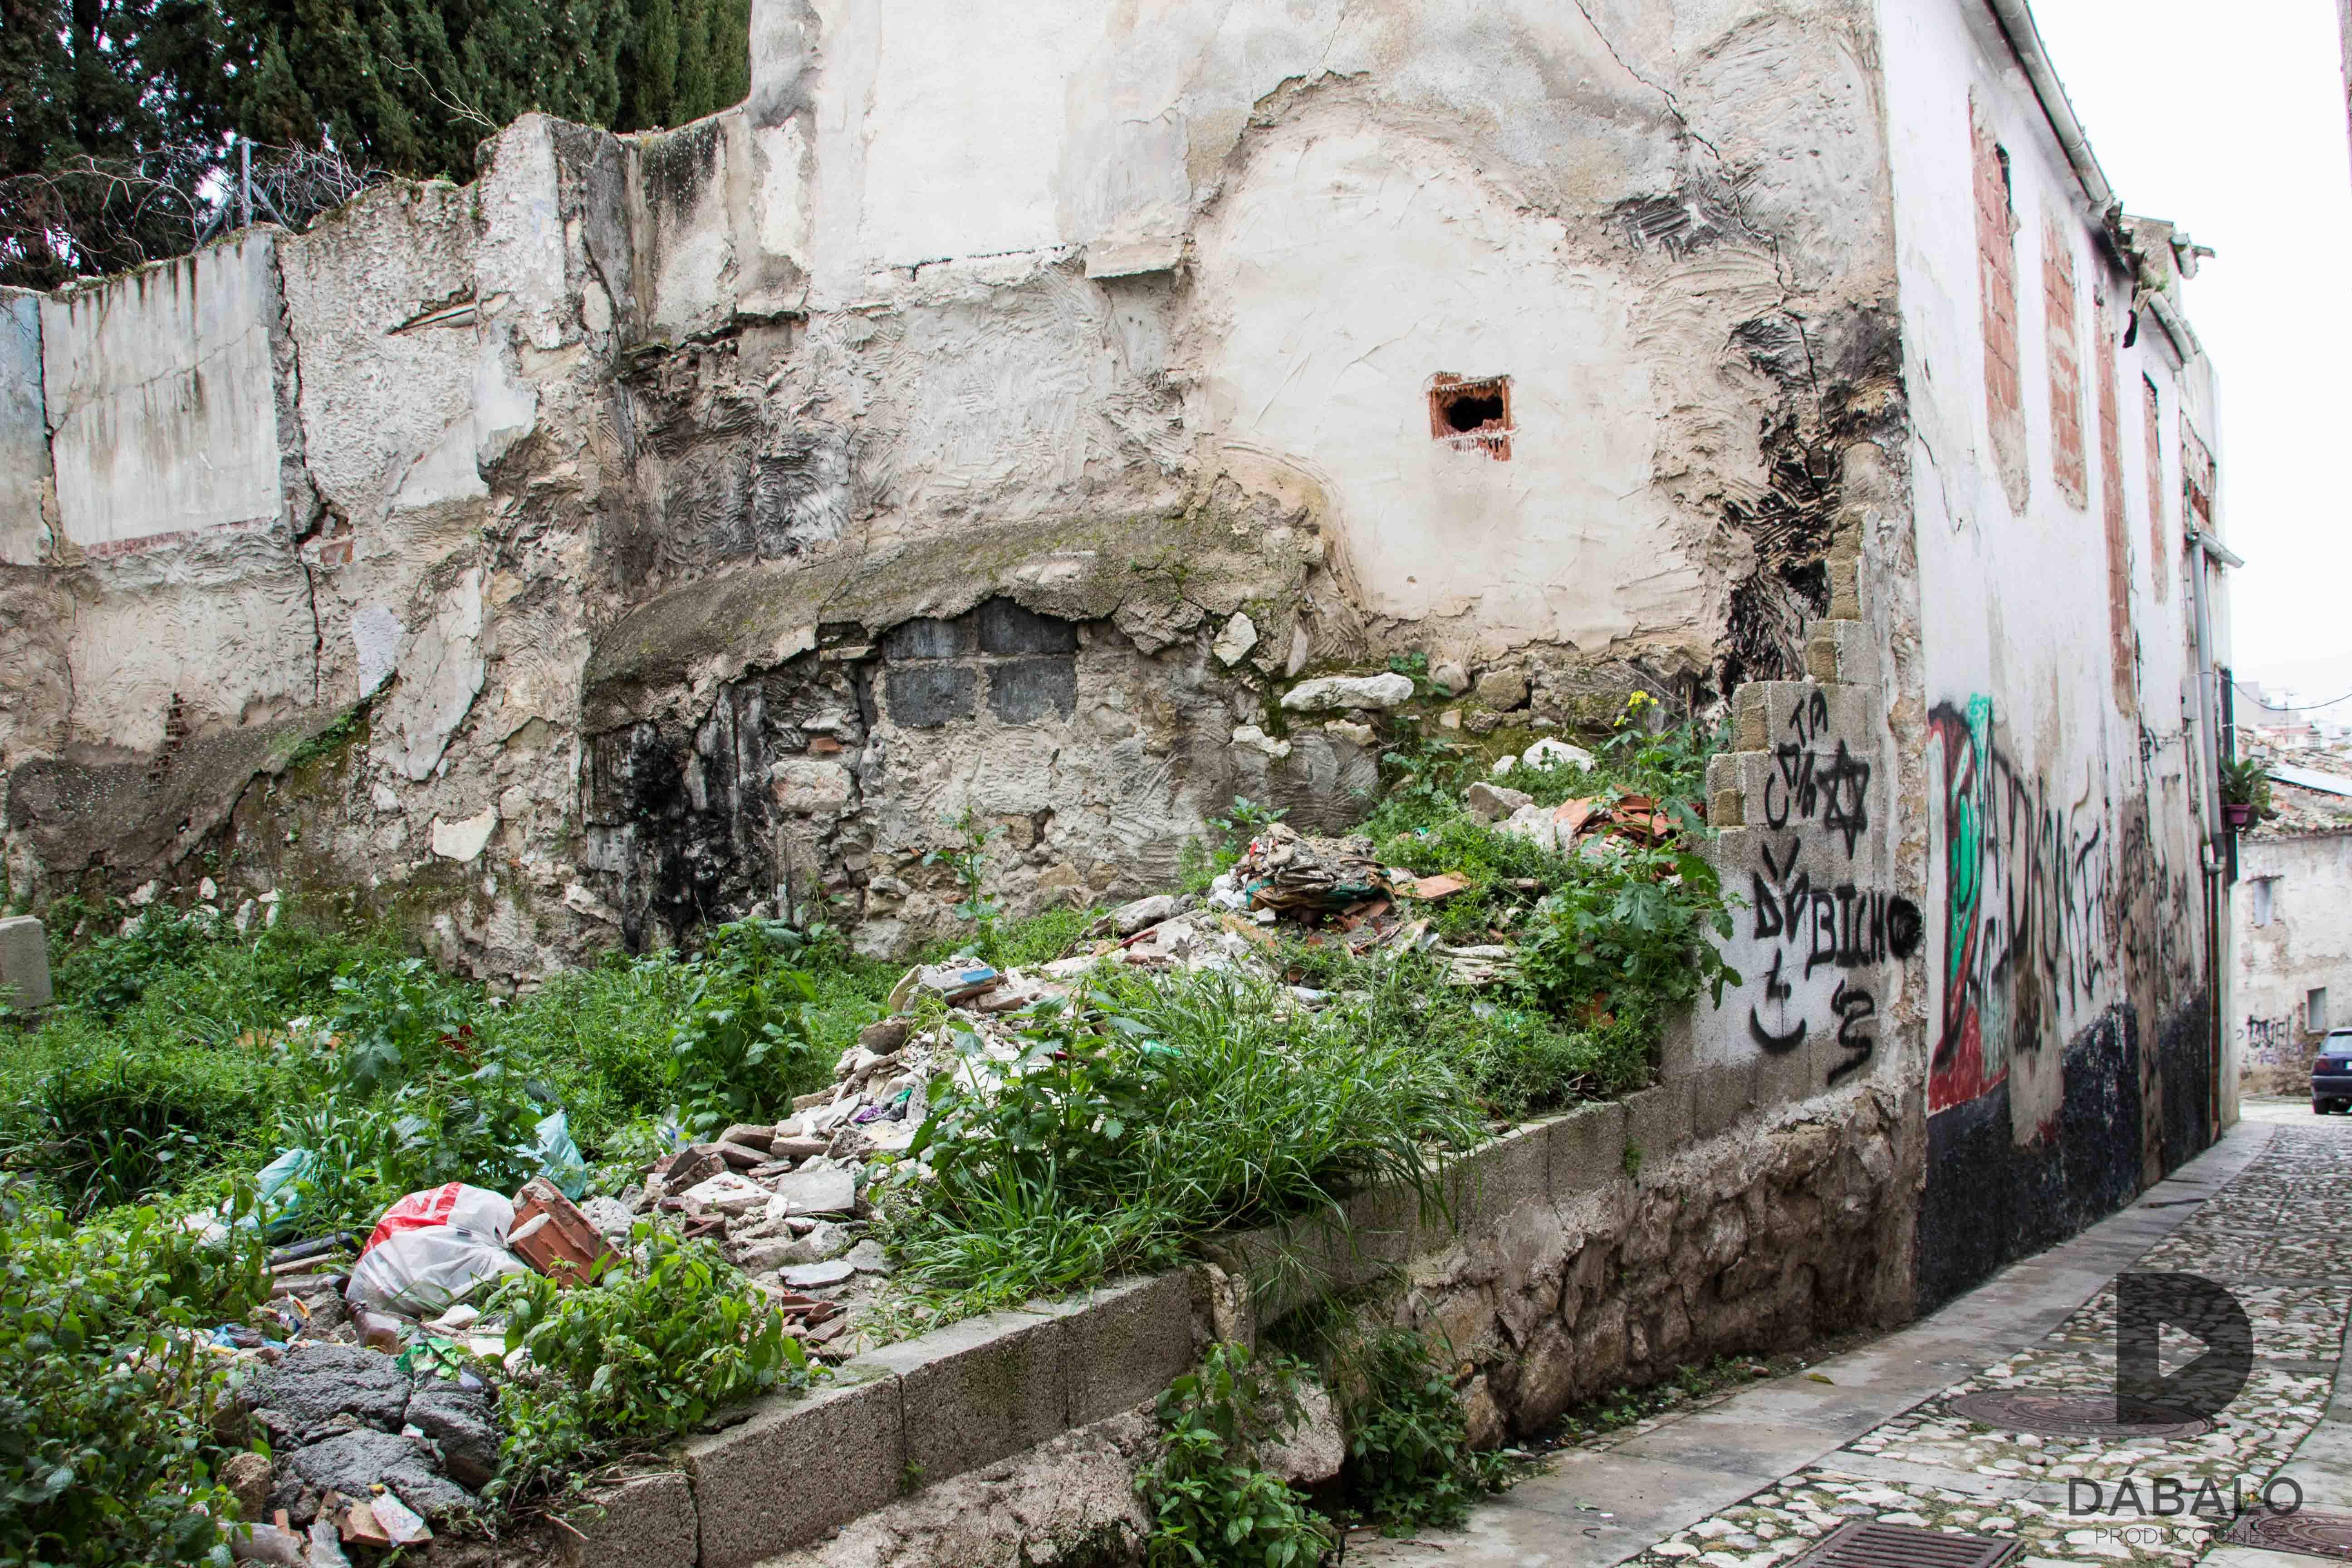 FOTO 5: Otro solar en ruinas con escombros y basura en el barrio de La Magdalena. Calle Santa Cruz, detrás del Monasterio de Santa Clara.